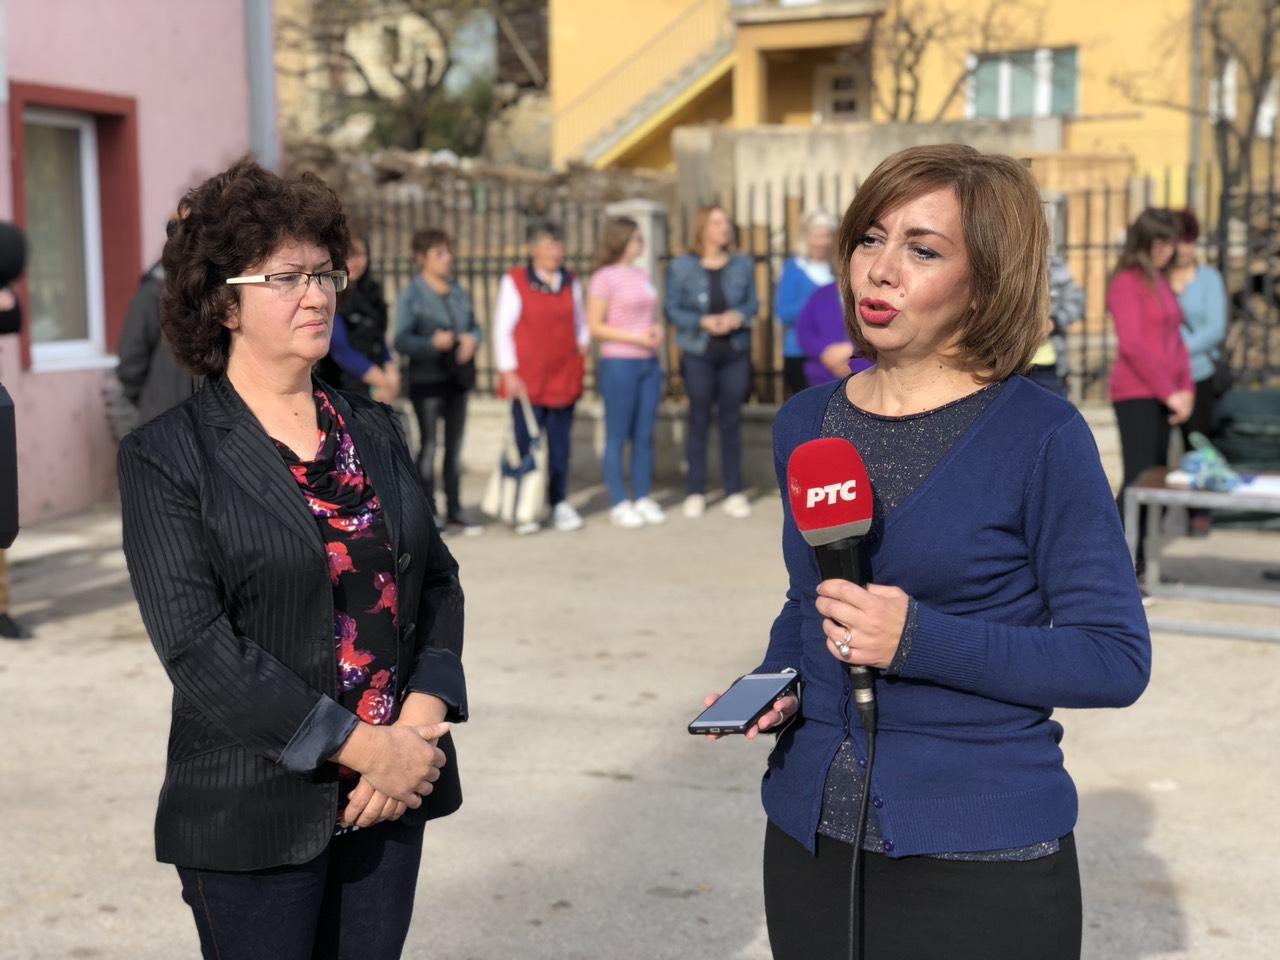 Predsednica Skupštine opštine Svrljig Tatjana Lazarević na podeli opreme za žene poljoprivrednice, foto: M. M. / Redakcija